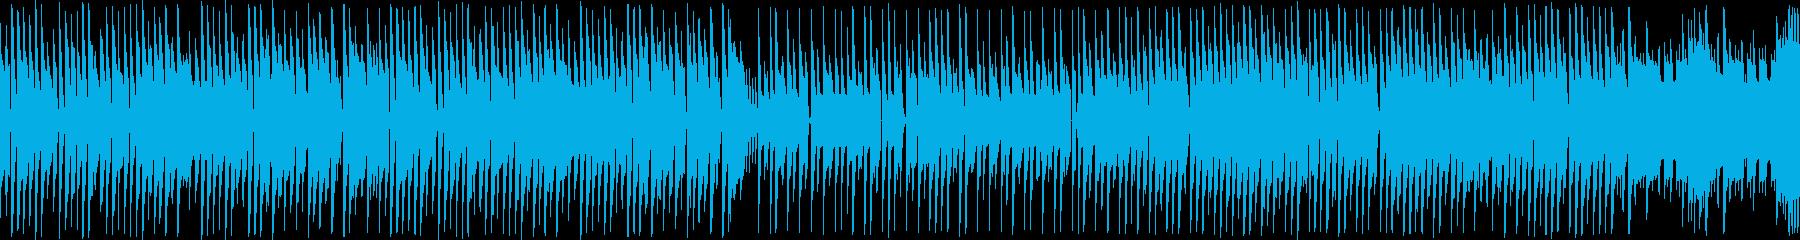 レトロゲーム風ポップで可愛いBGMループの再生済みの波形